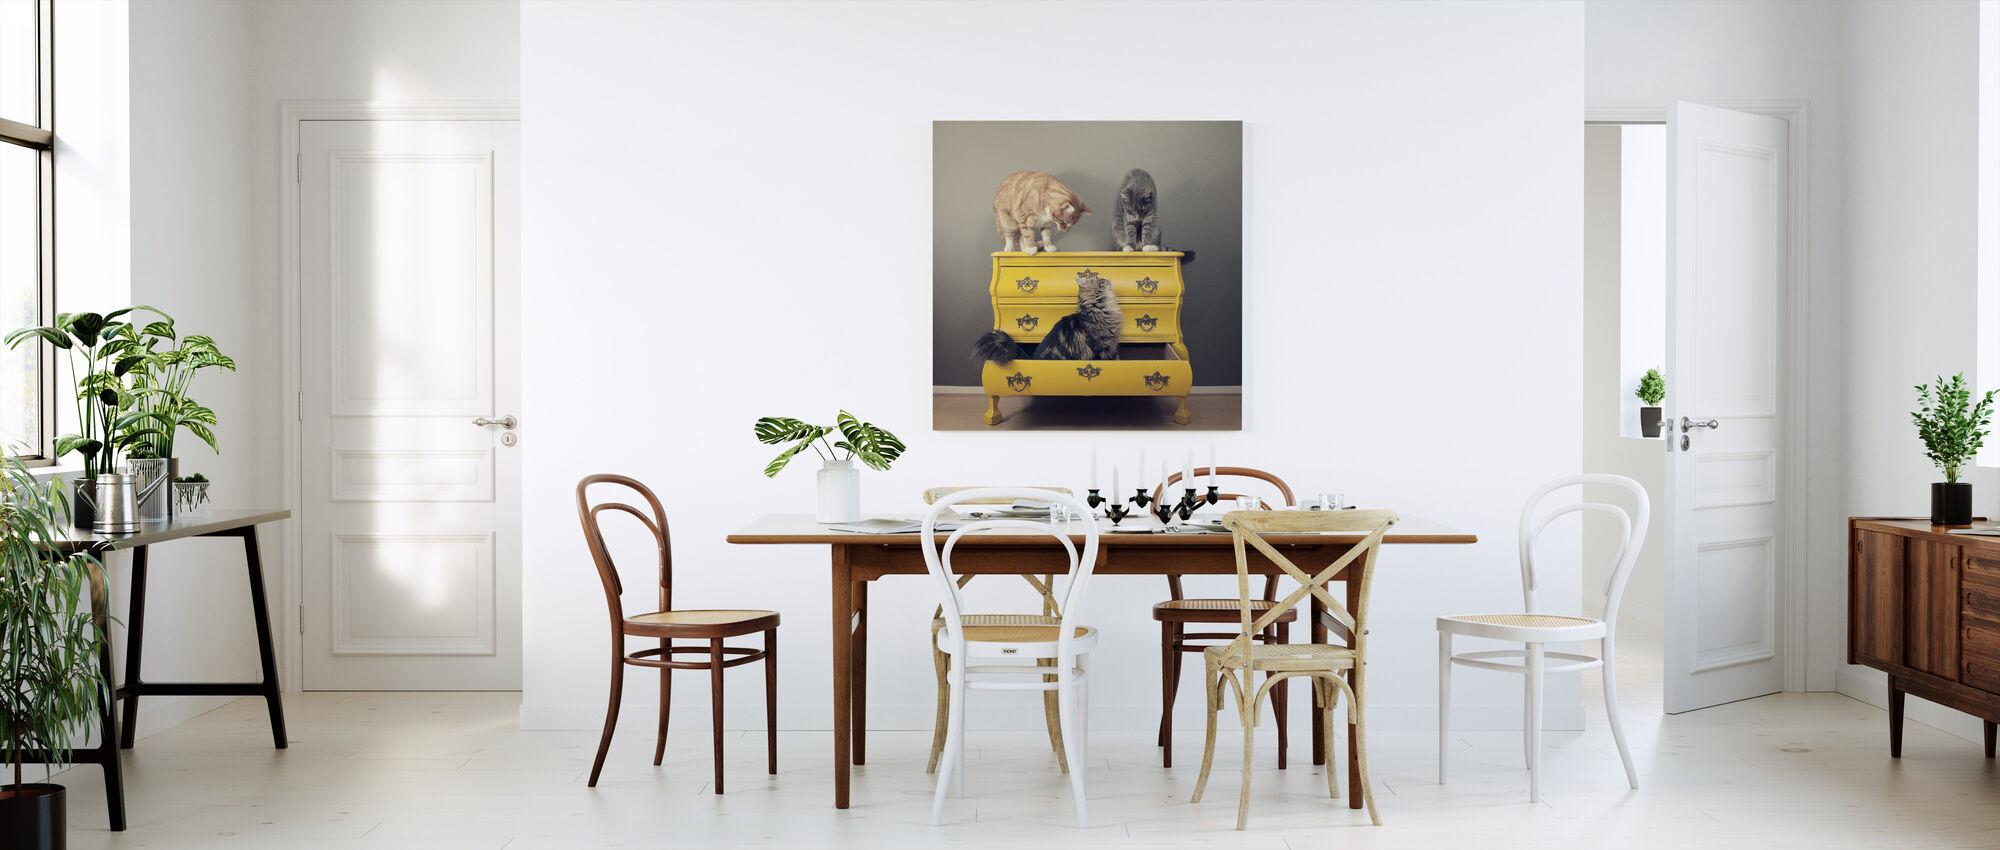 Møte i et gult byrå - Lerretsbilde - Kjøkken